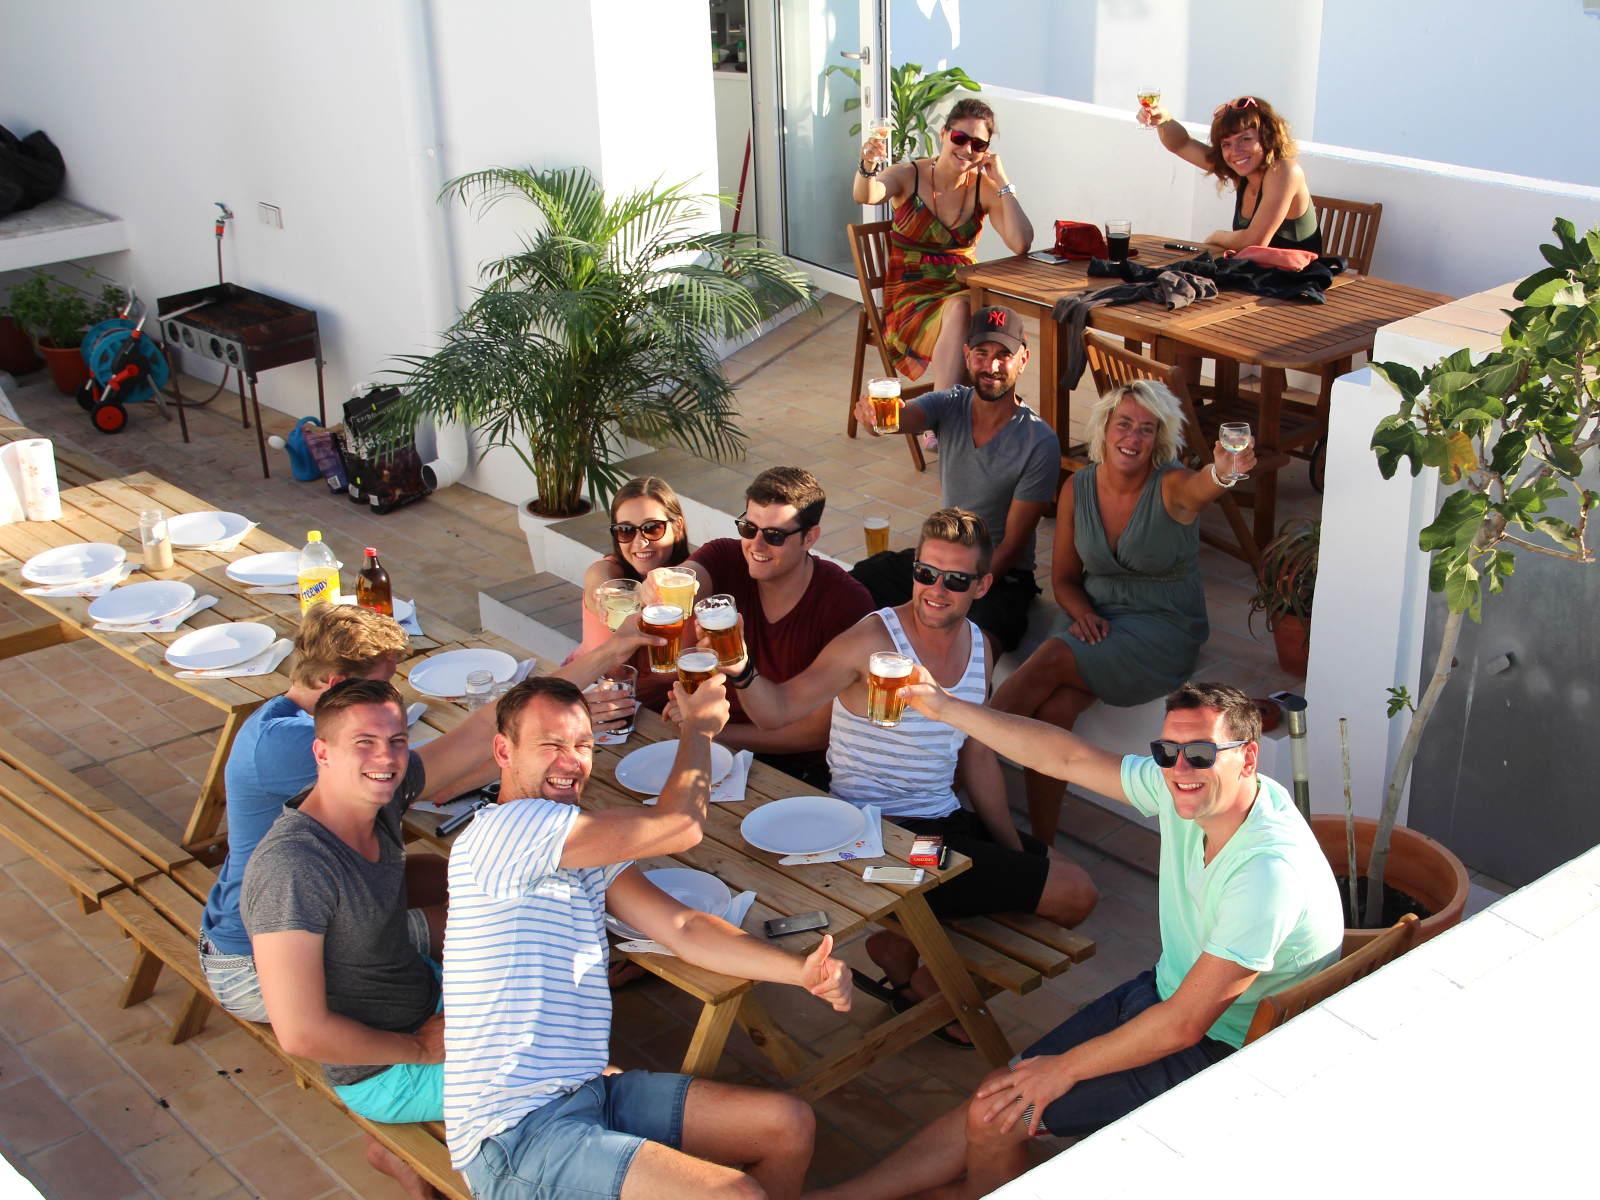 Terrasse der Surfers Resicence - Gemeinsam statt Einsam!